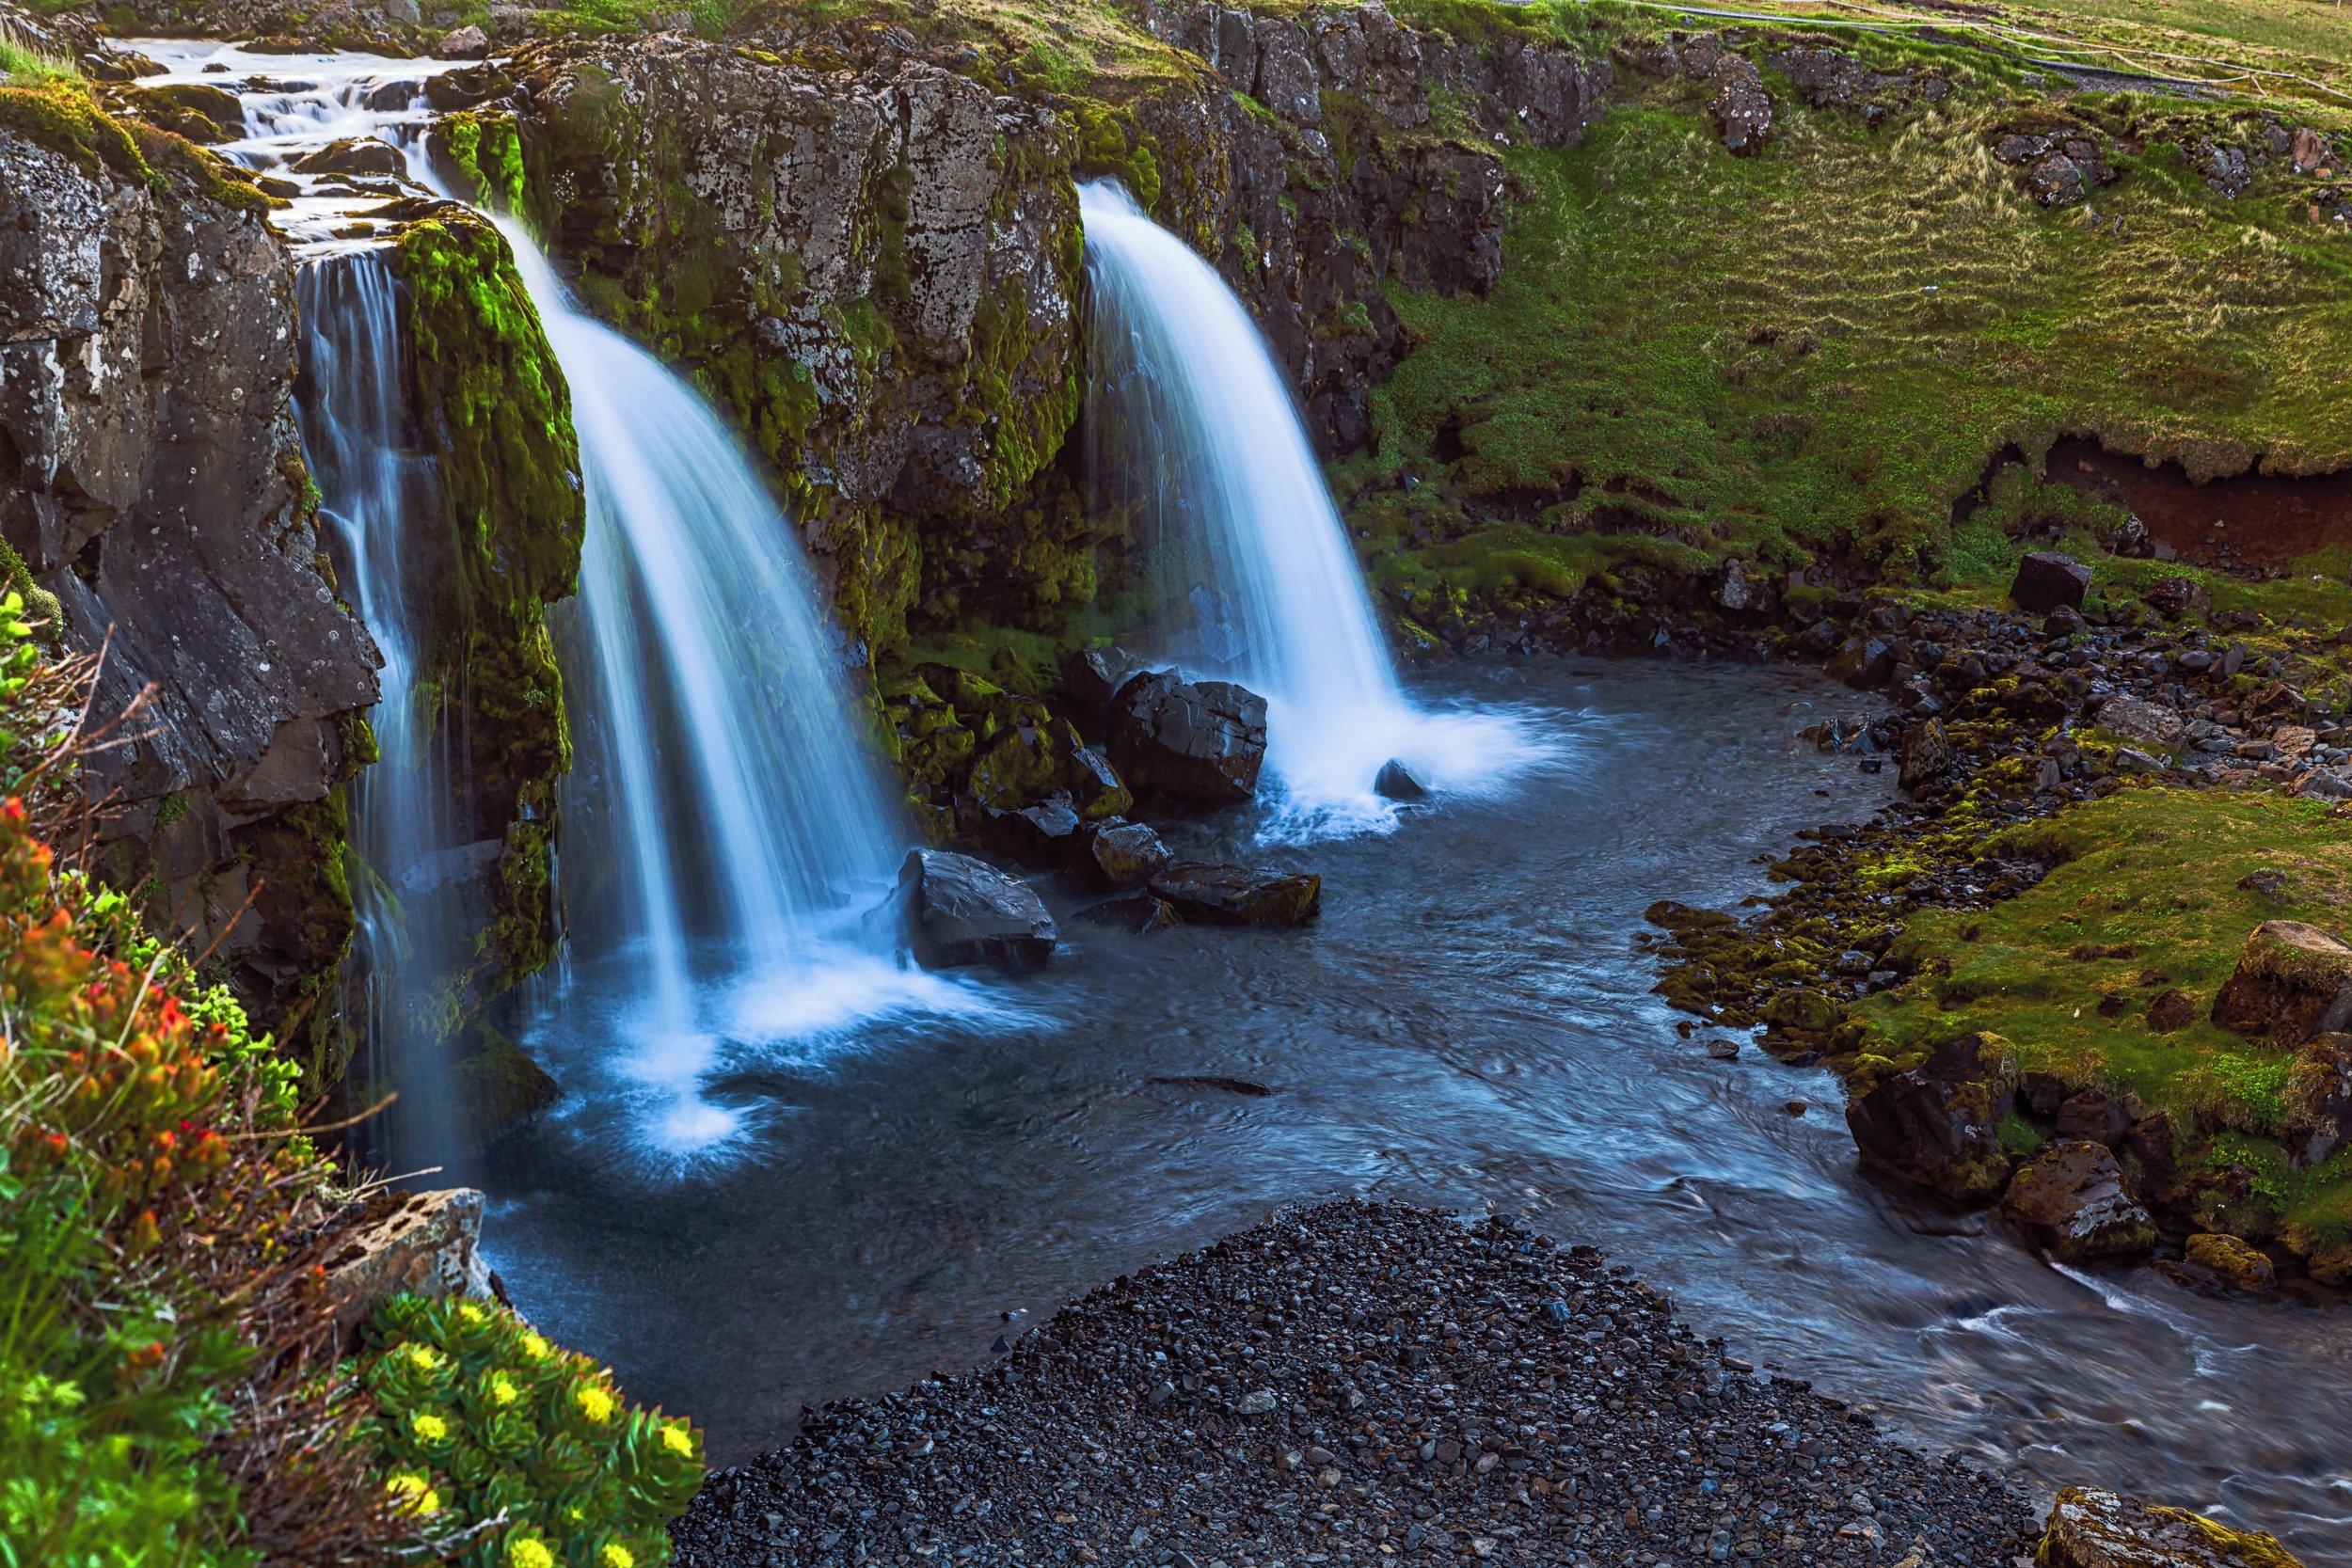 The falls at Kirkjufell